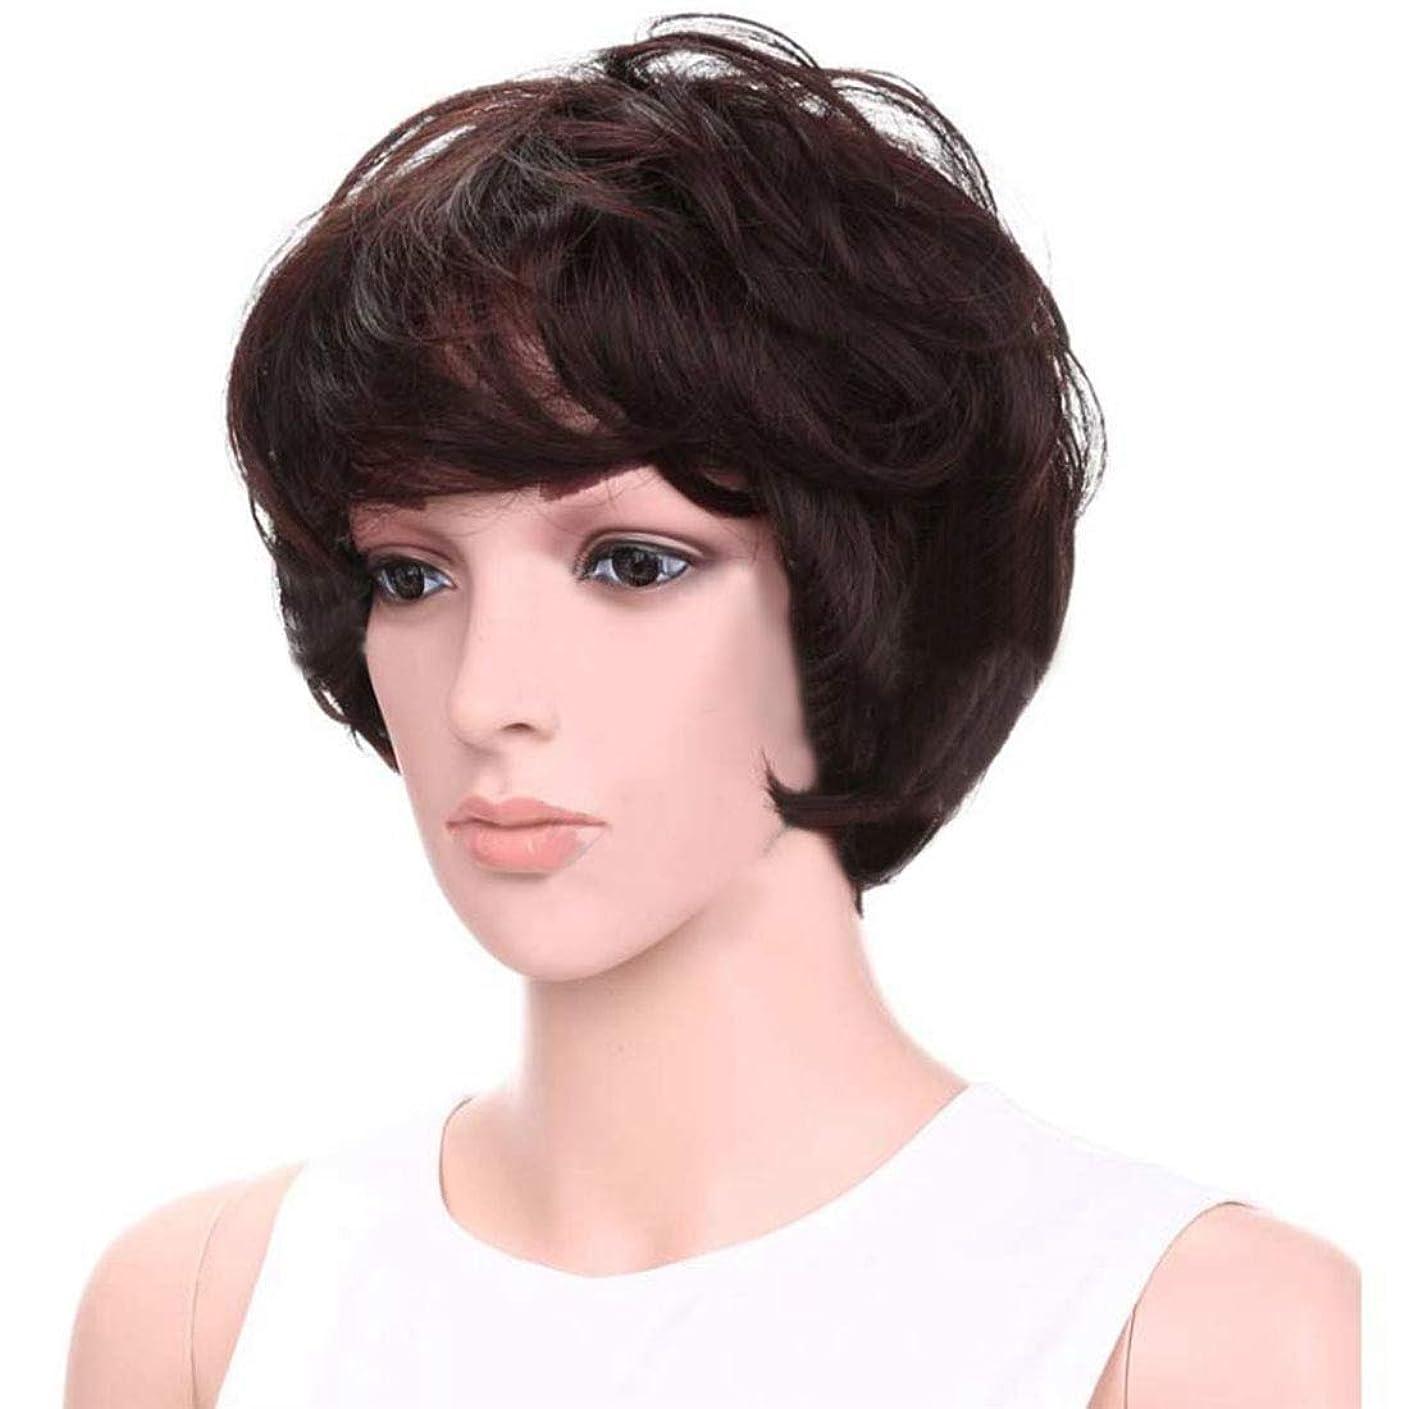 ジョリー受け入れる満足できるDoyvanntgo パーソナリティーウィッグ女性ショートヘアケアふわふわウィッグエアフラットバンズ付きヘアヒート抵抗ウィッグ8inch(ダークブラウン) (Color : Dark brown)